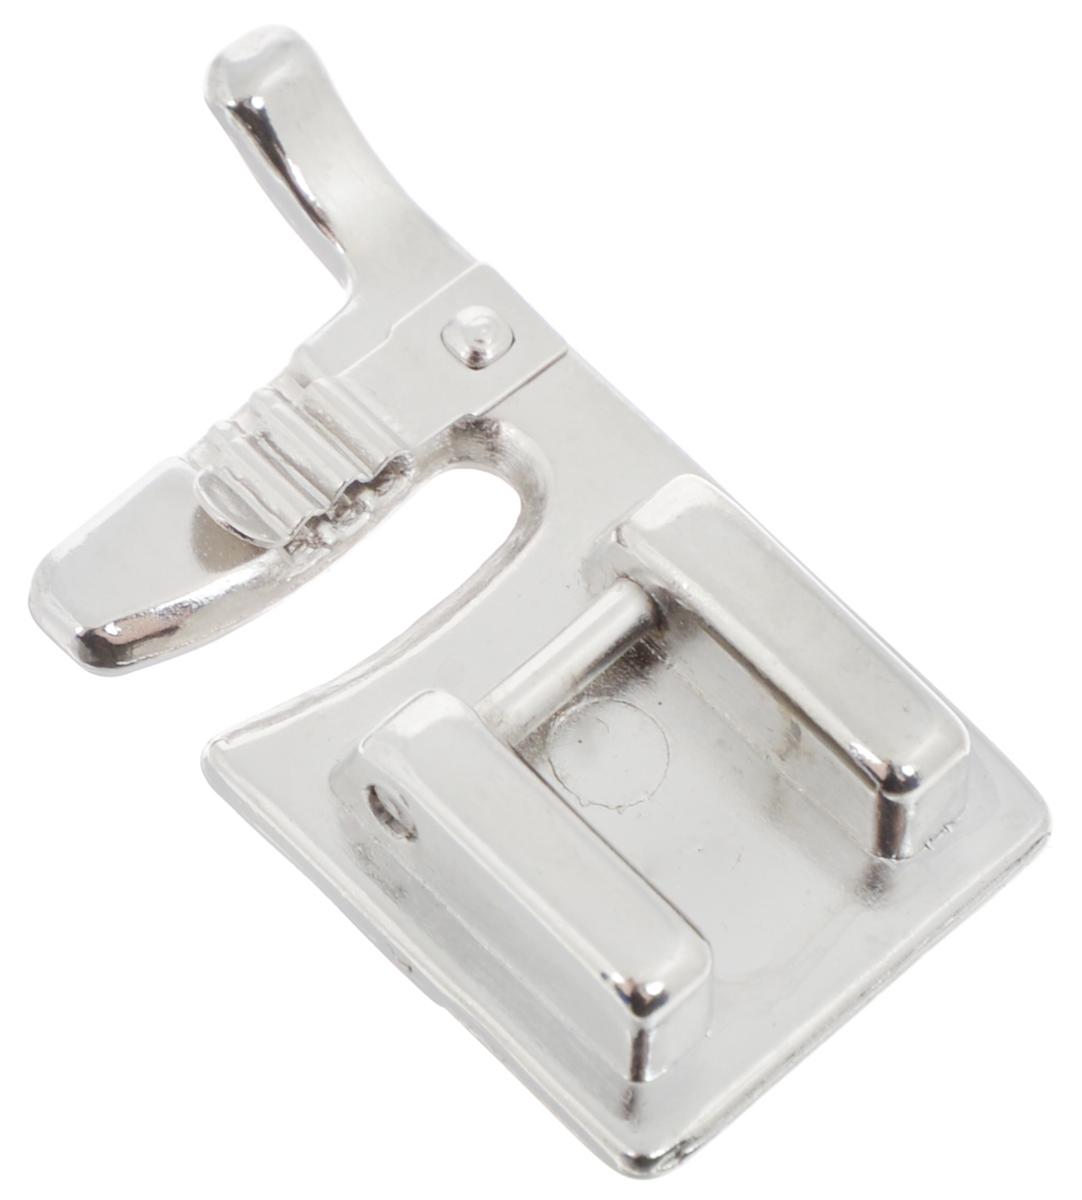 Лапка для швейной машины Aurora, для пришивания декоративных шнуровAU-106Лапка для швейной машины Aurora используется для вшивания декоративных шнуров, нитей. Подходит для большинства современных бытовых швейных машин. Инструкция по использованию прилагается.